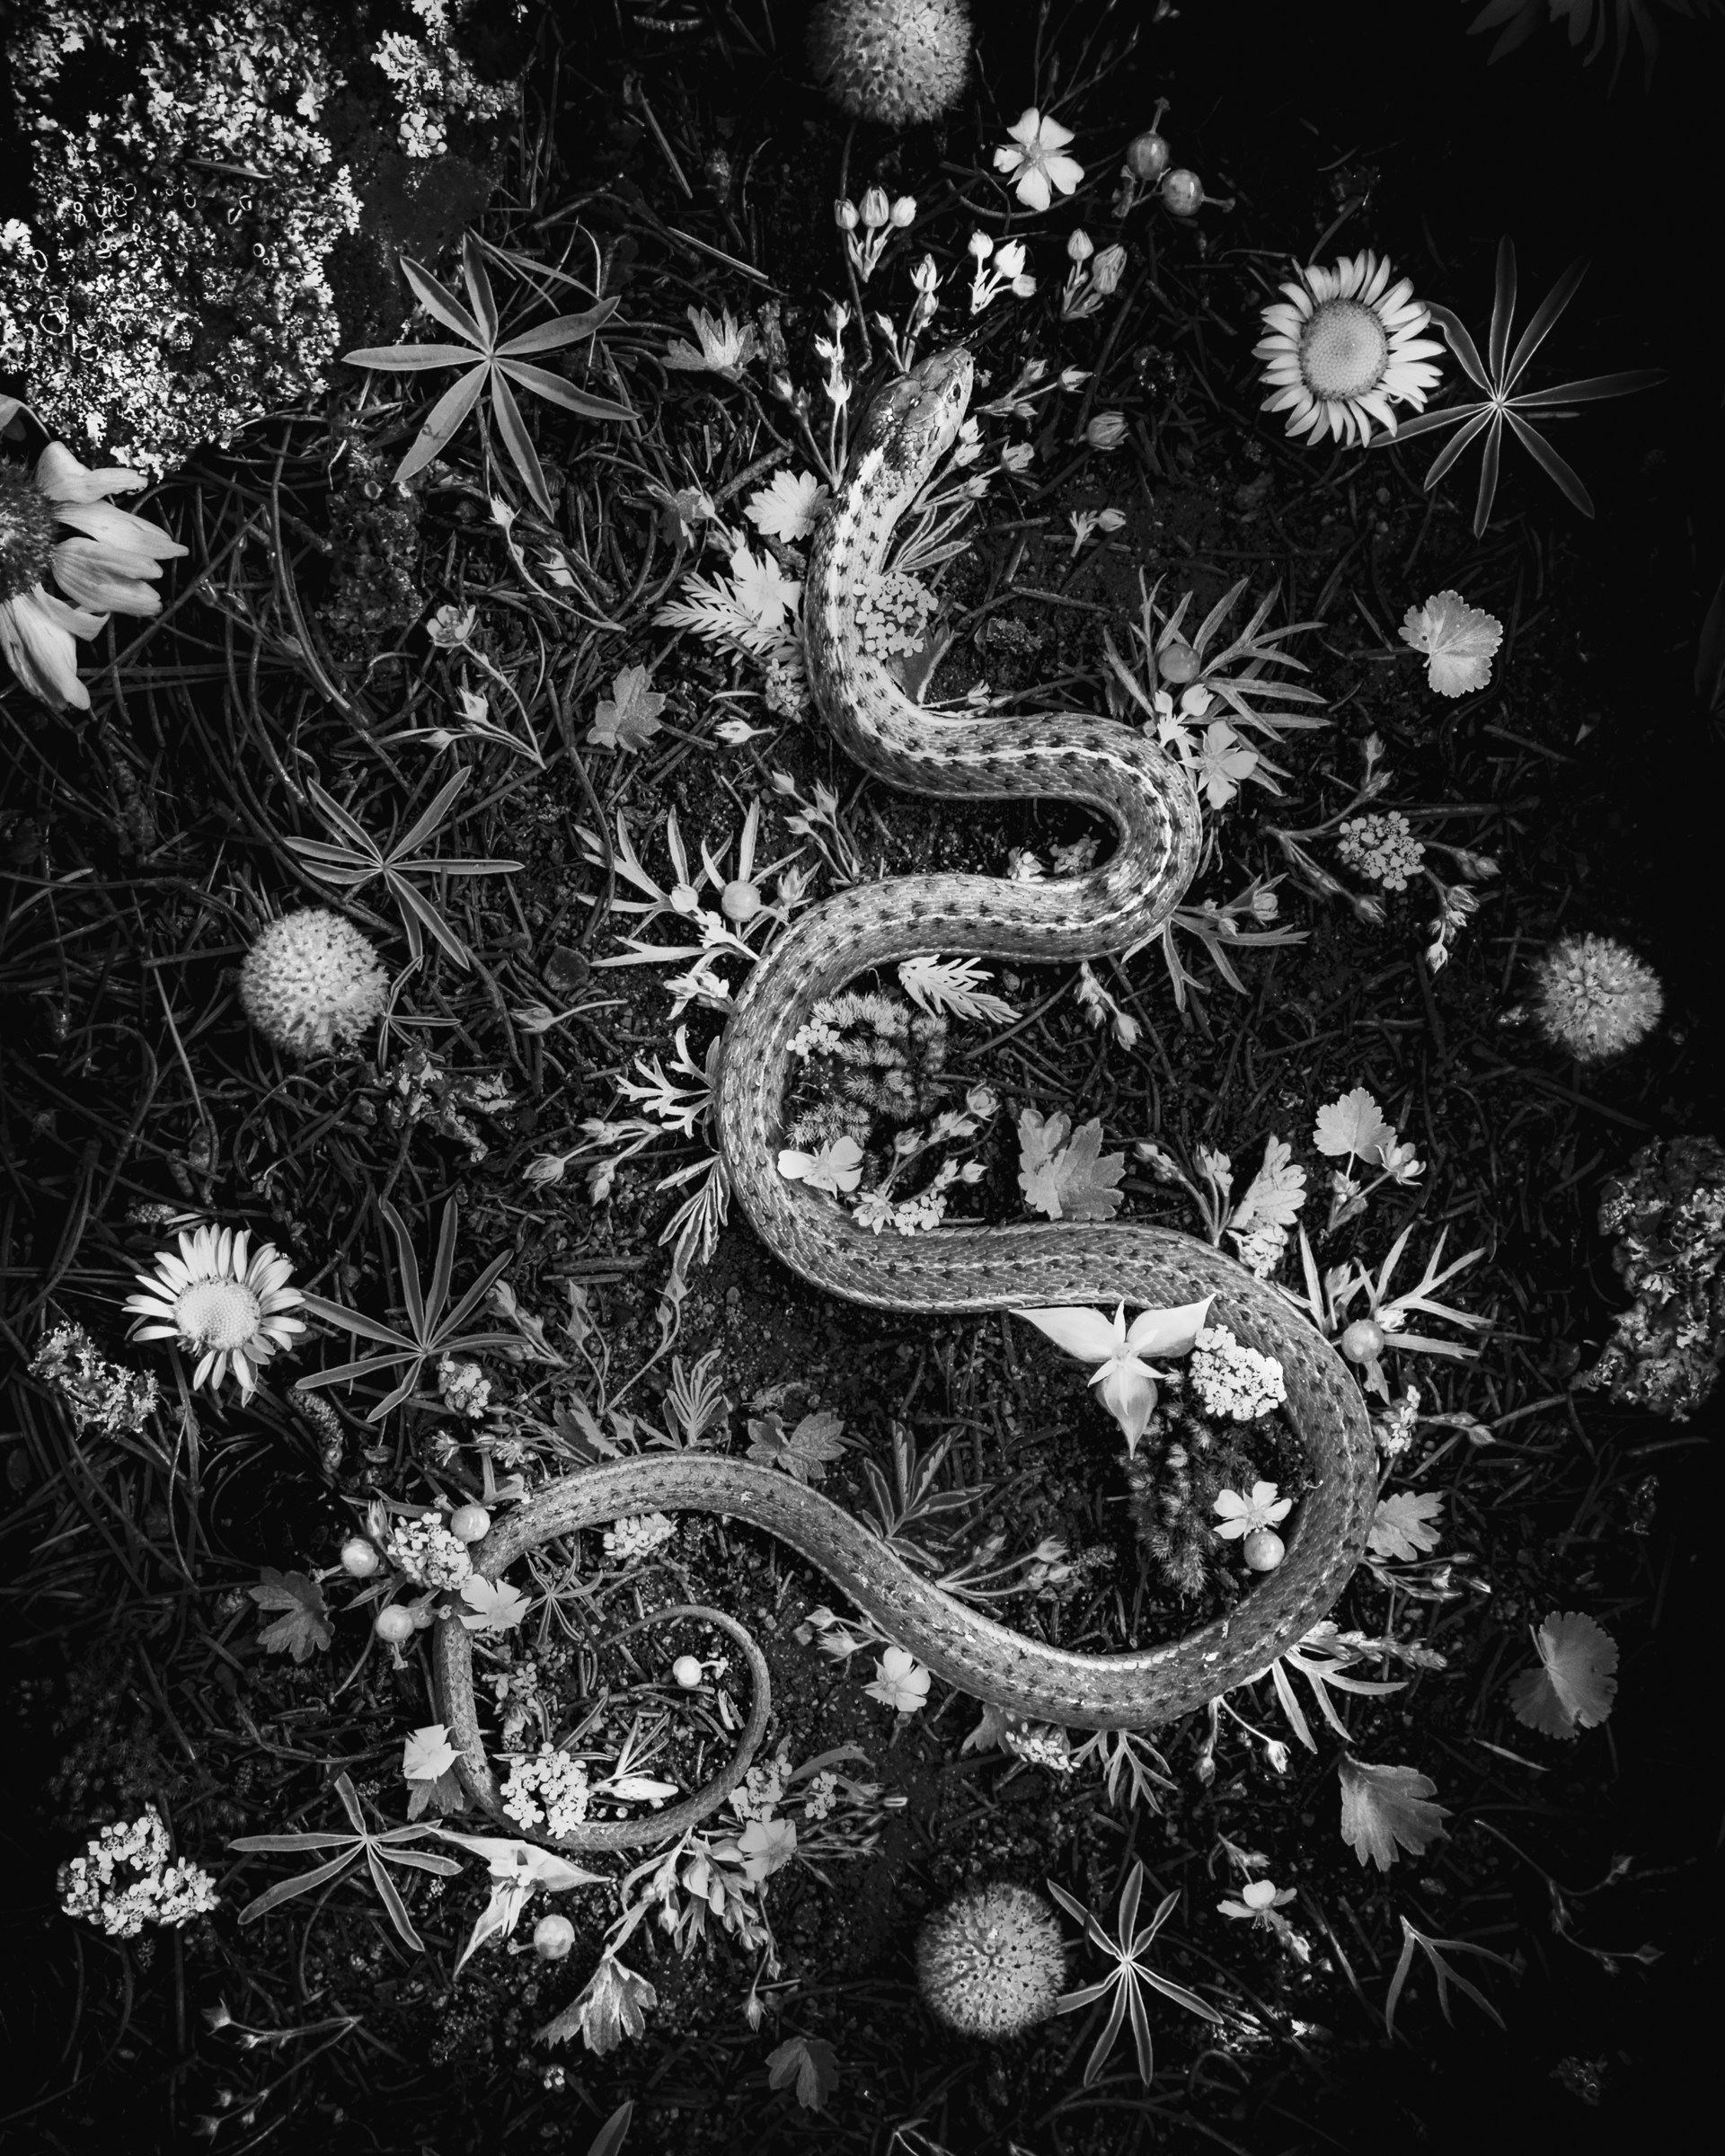 Snake by Jenya Chernoff